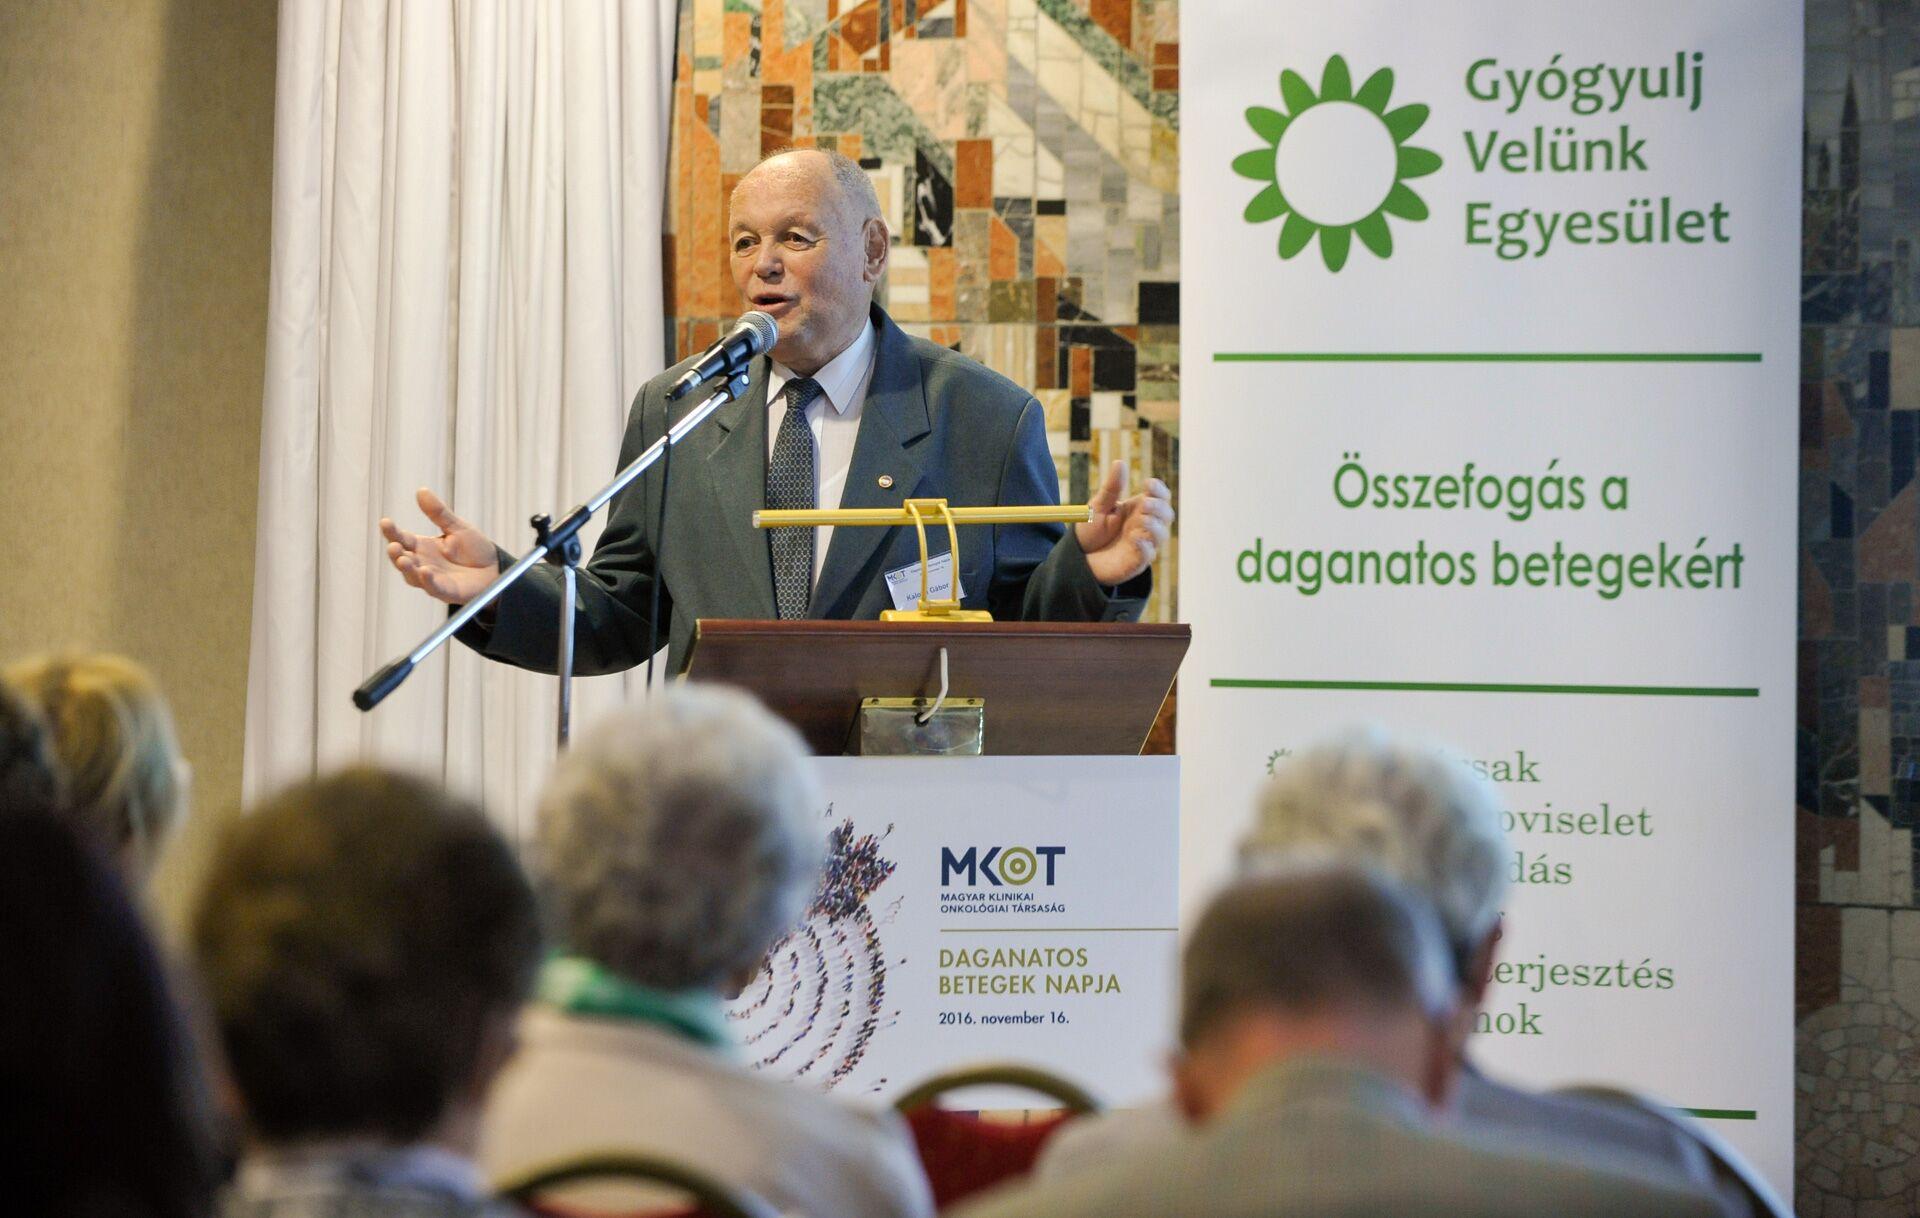 Kalotay Gábor, a Gyógyulj Velünk Egyesület elnöke